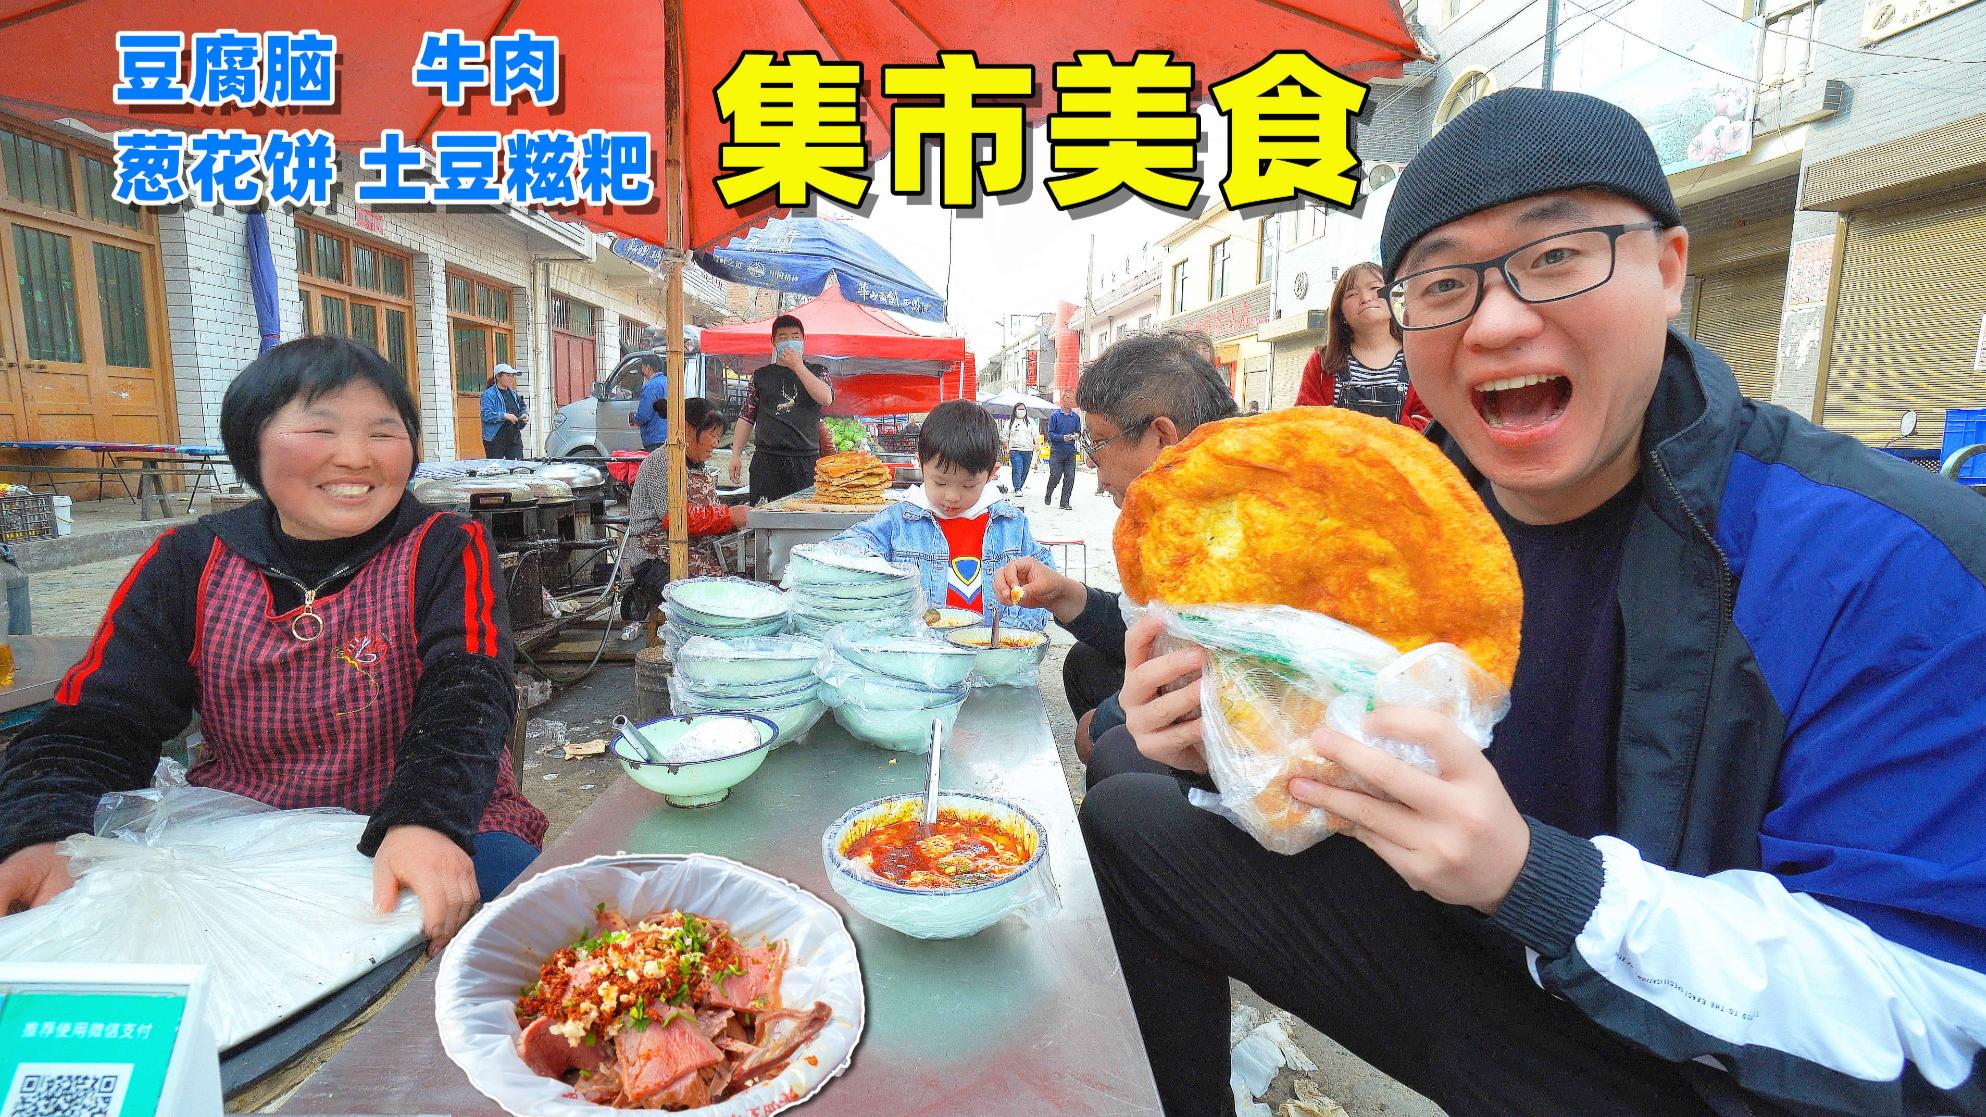 50年牛肉老店,葱花饼像锅盖,阿星美食吃到饱,陕西蓝田焦岱集市